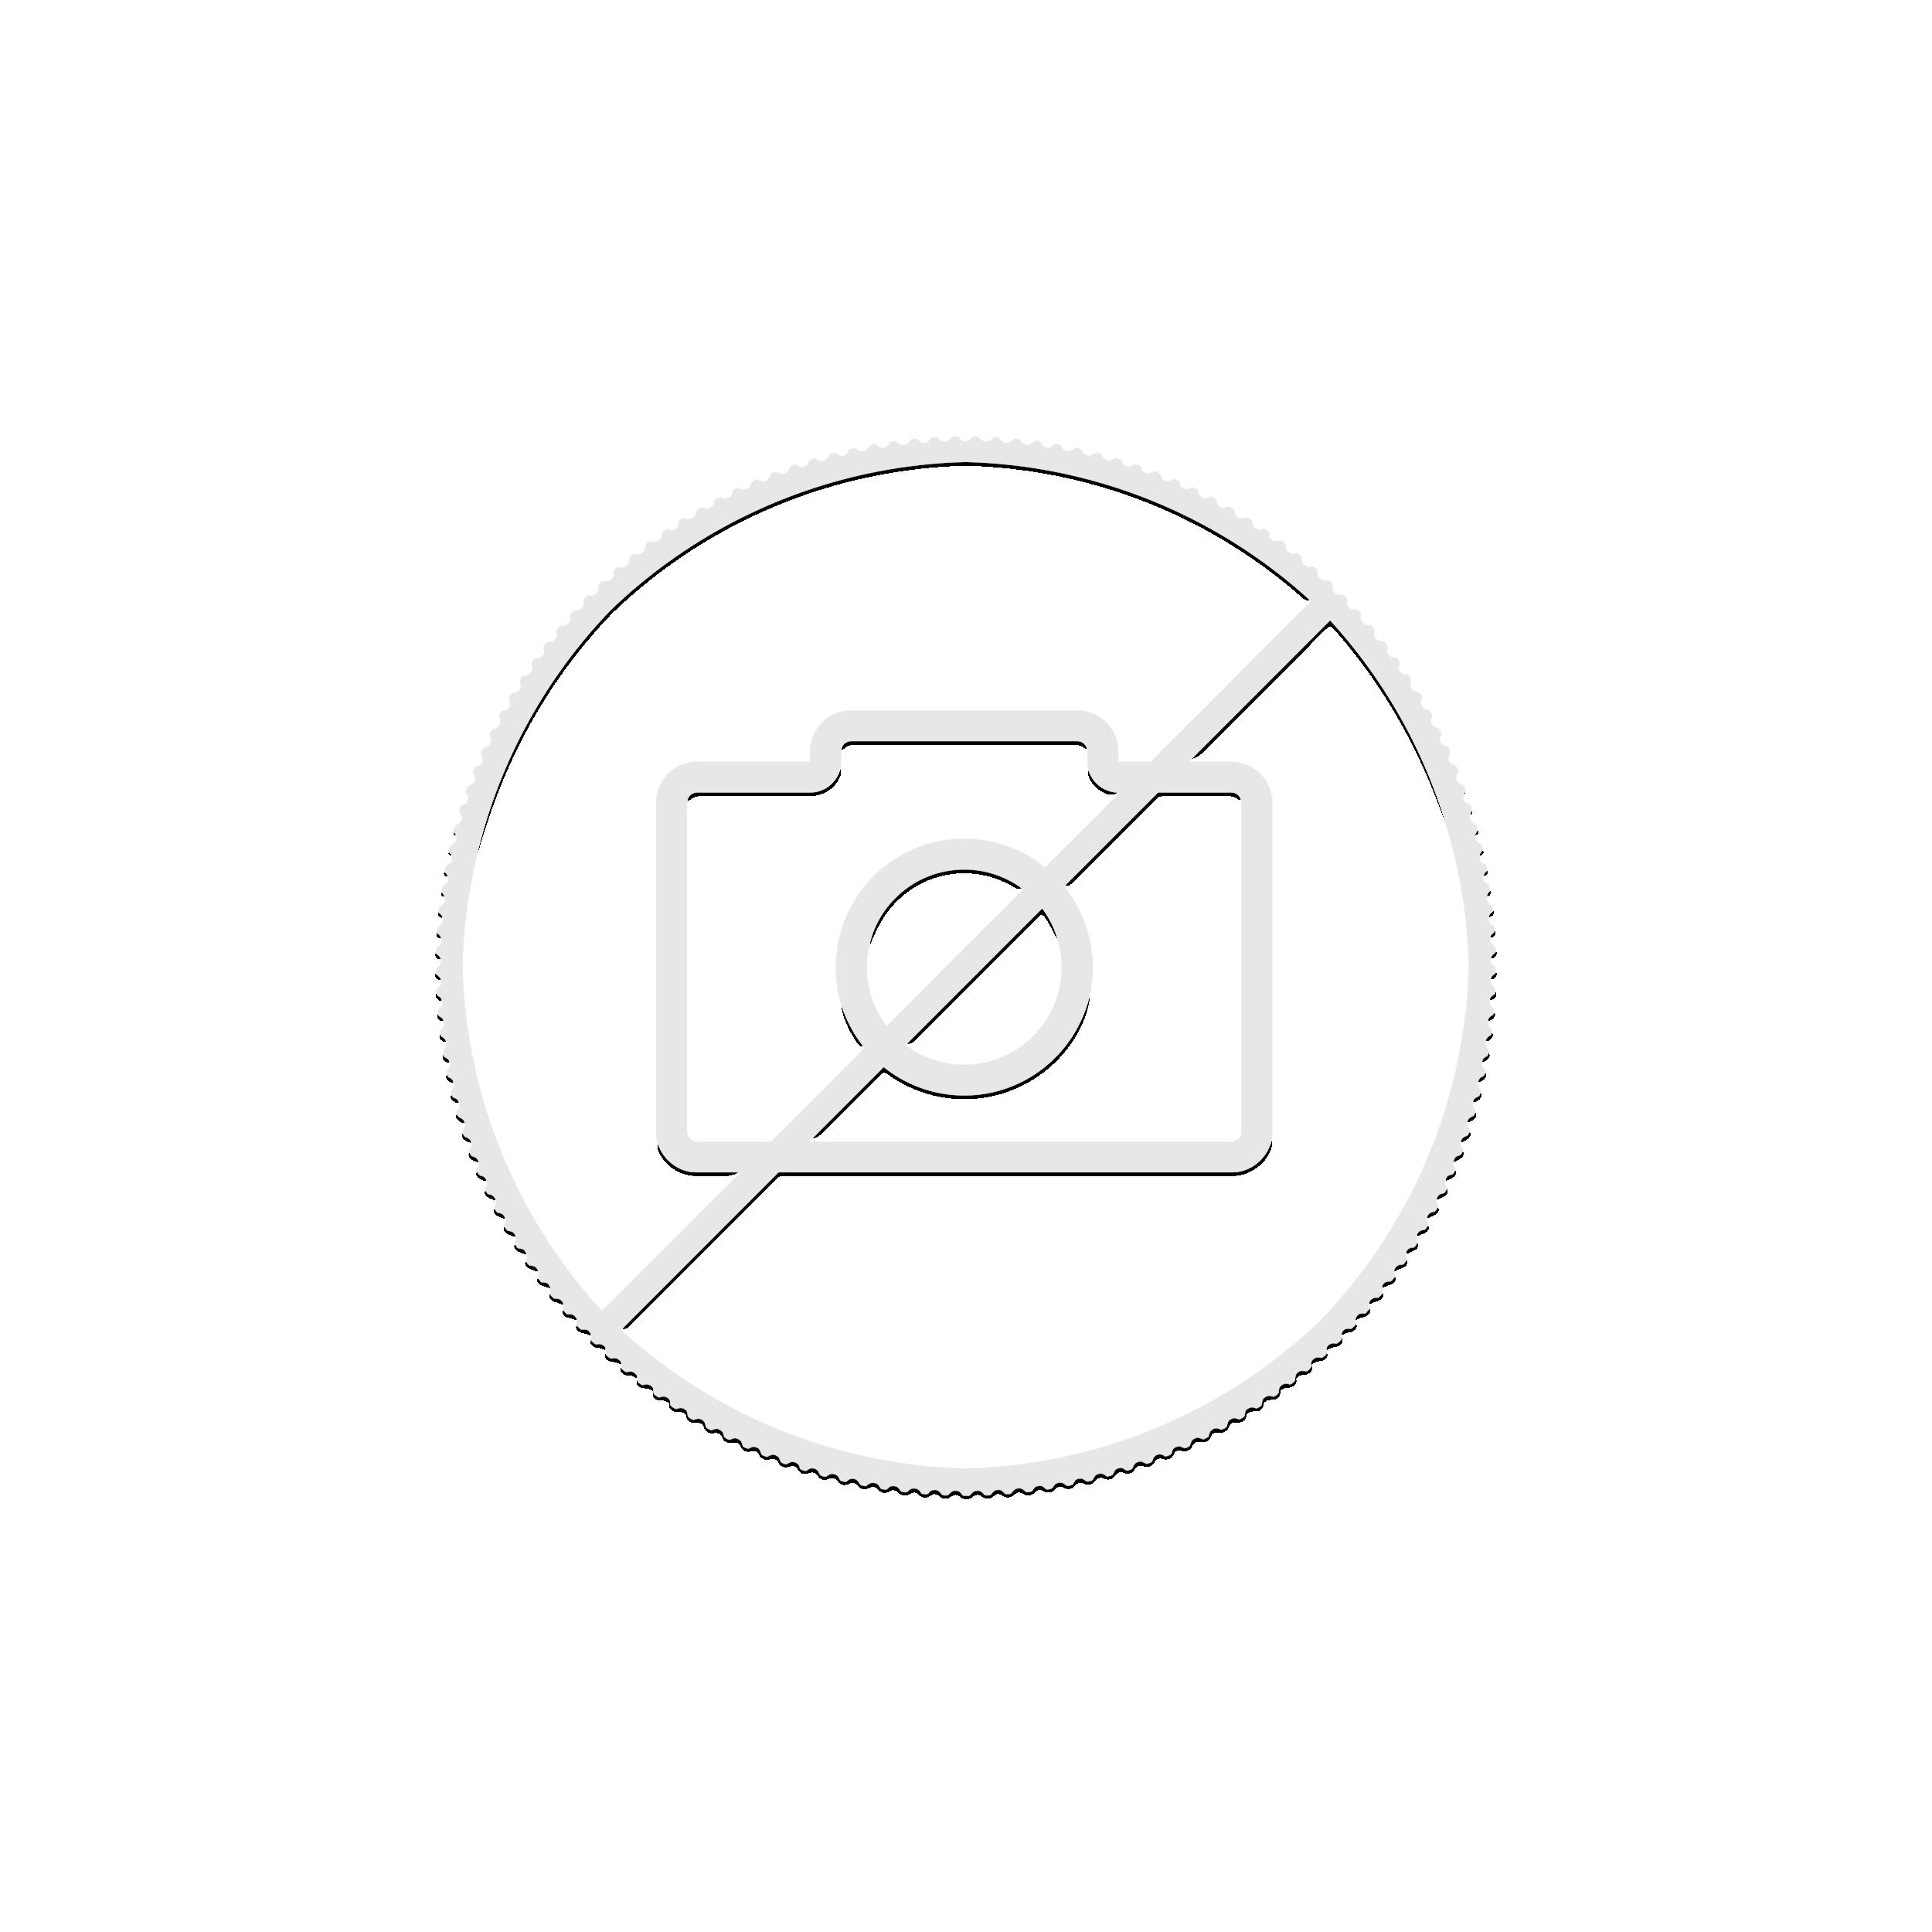 10 troy ounce zilver Lunar munt 2014 - jaar van het paard